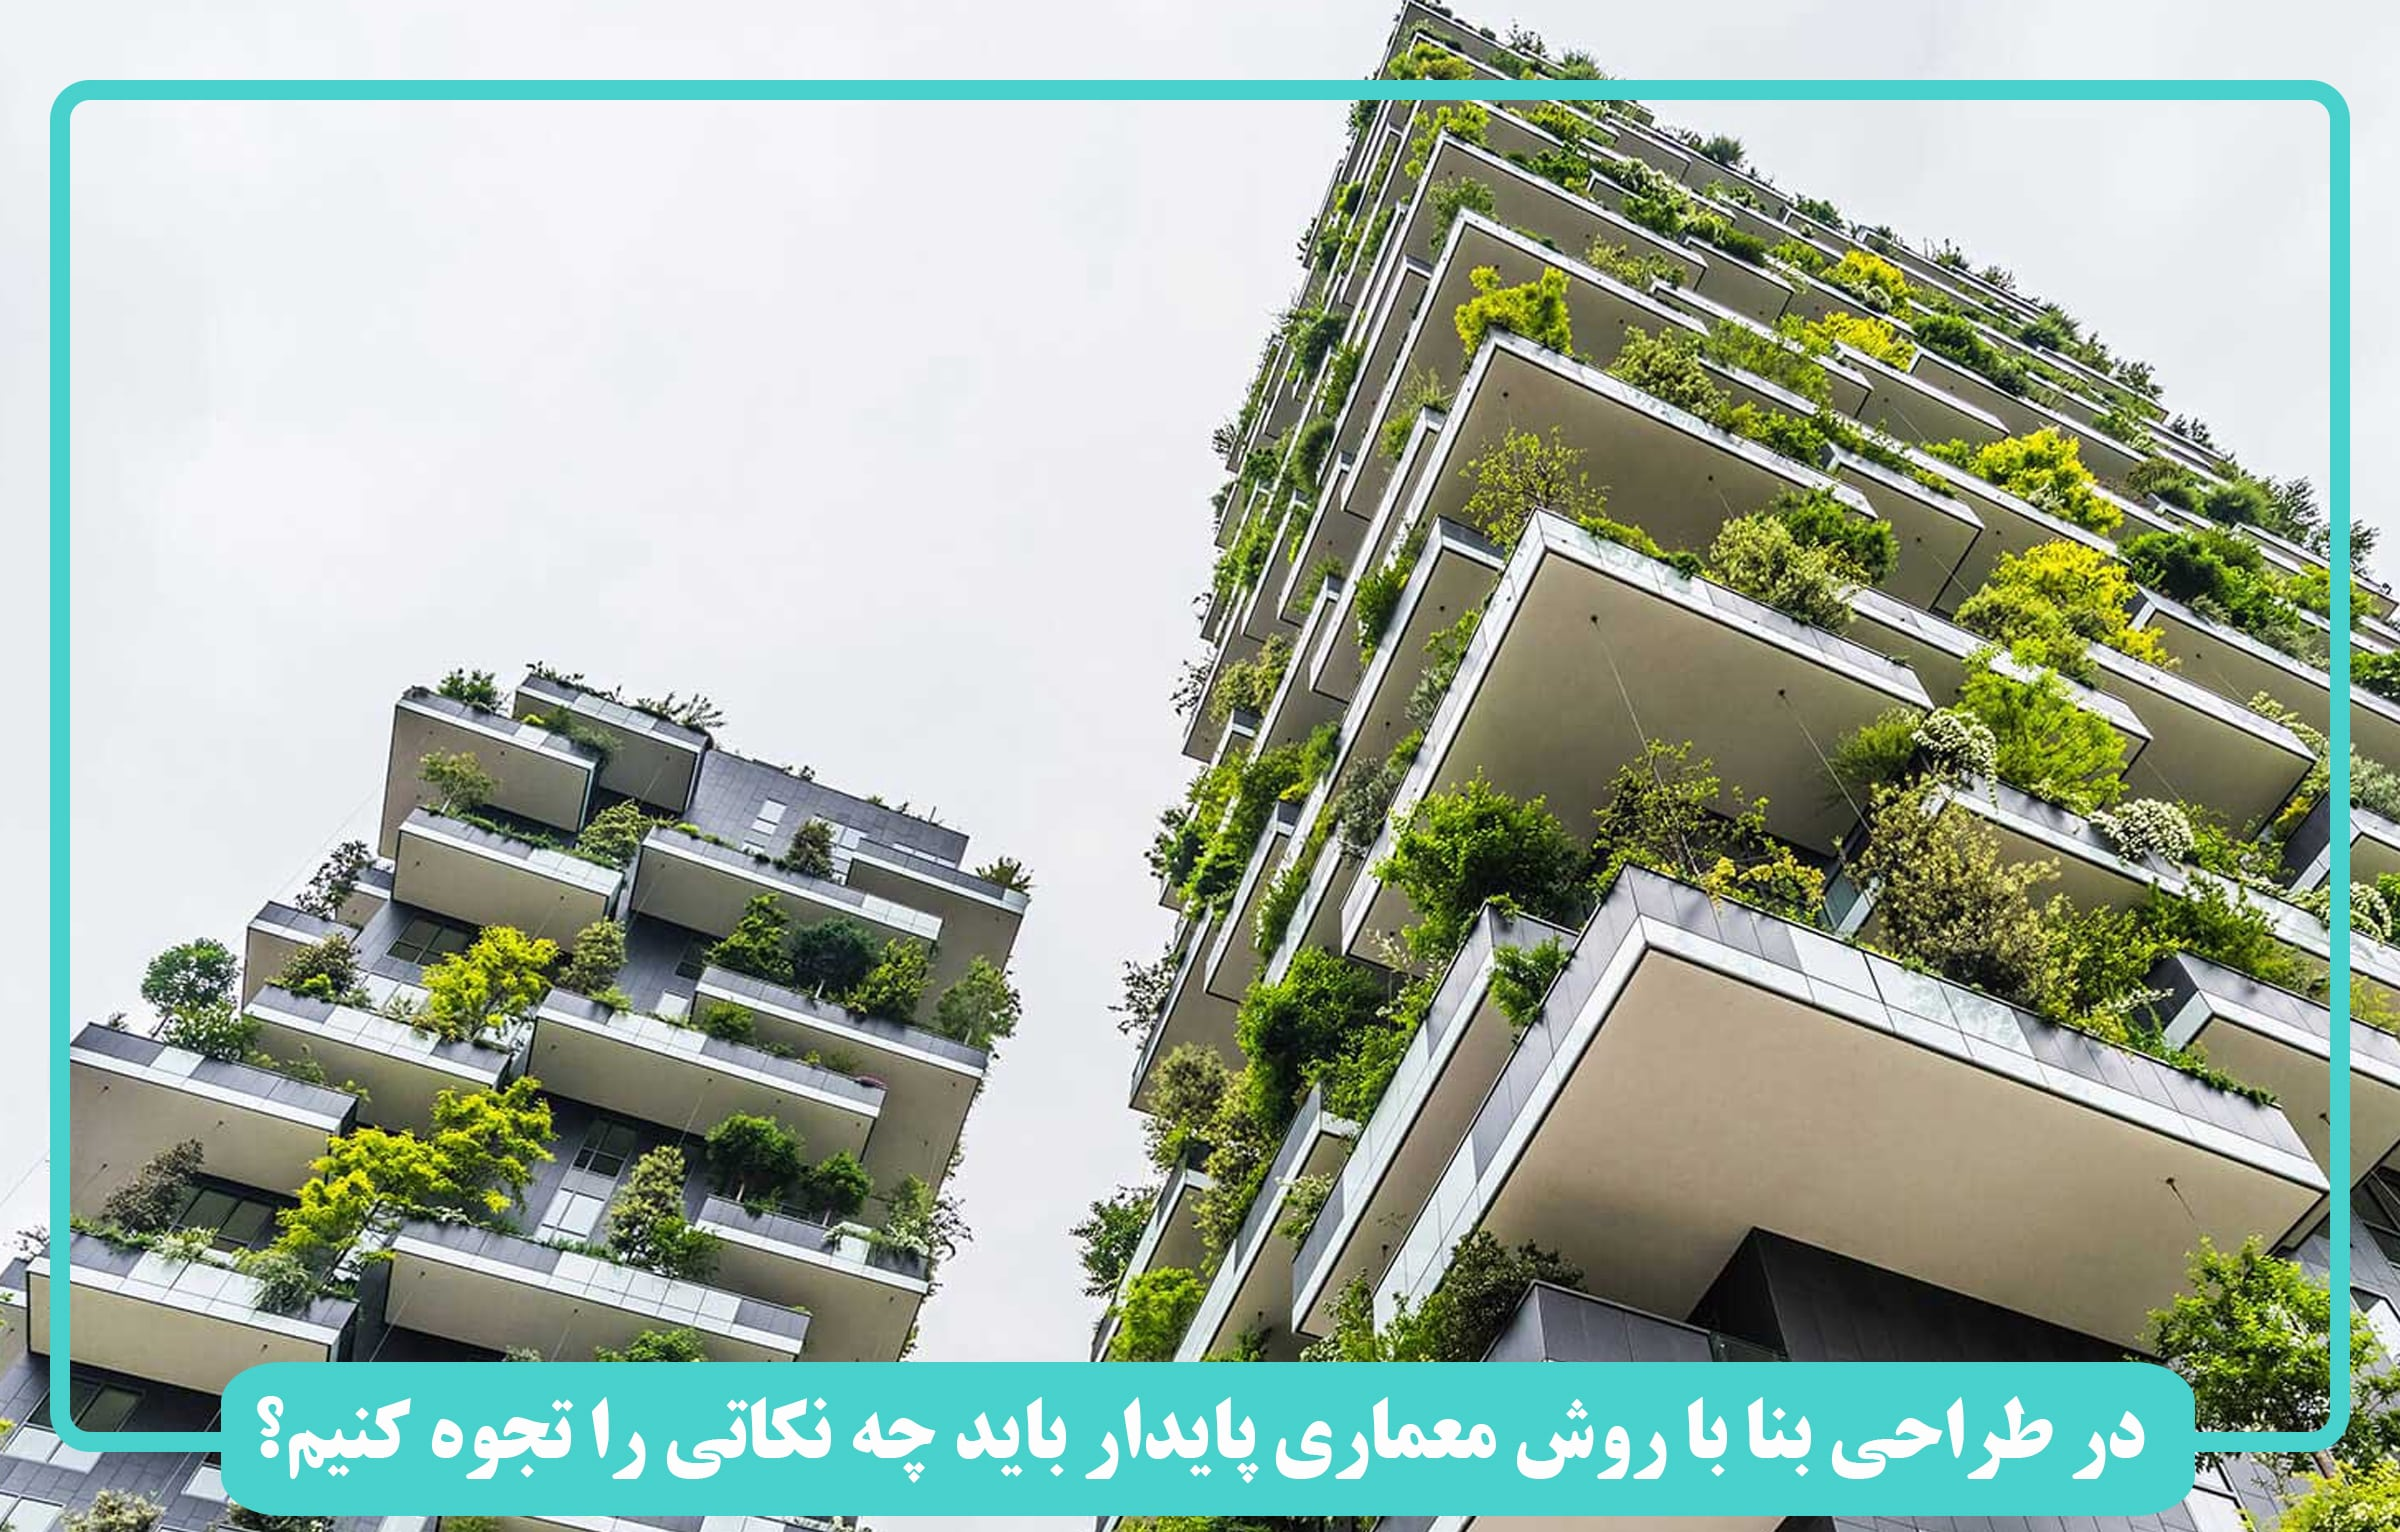 در طراحی بنا با روش معماری پایدار باید چه نکاتی را تجوه کنیم؟